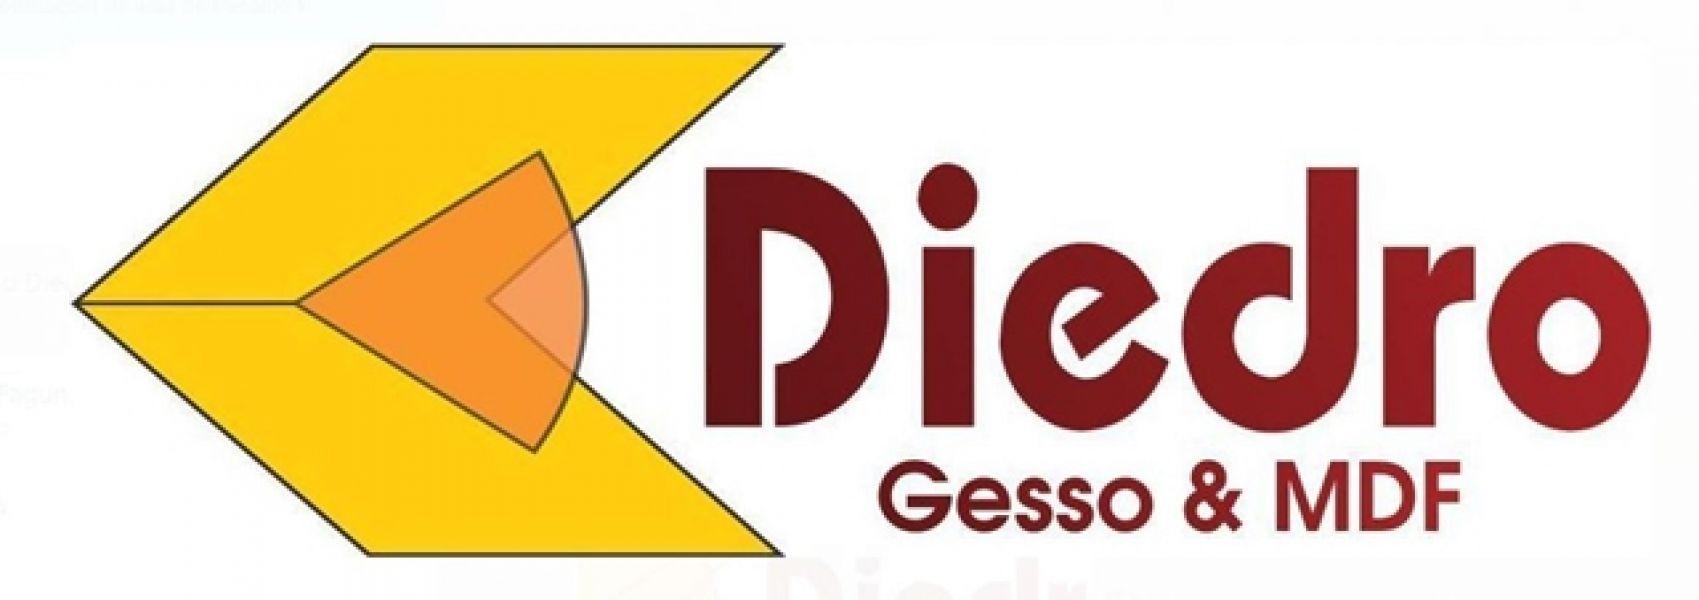 DIEDRO Gesso & MDF